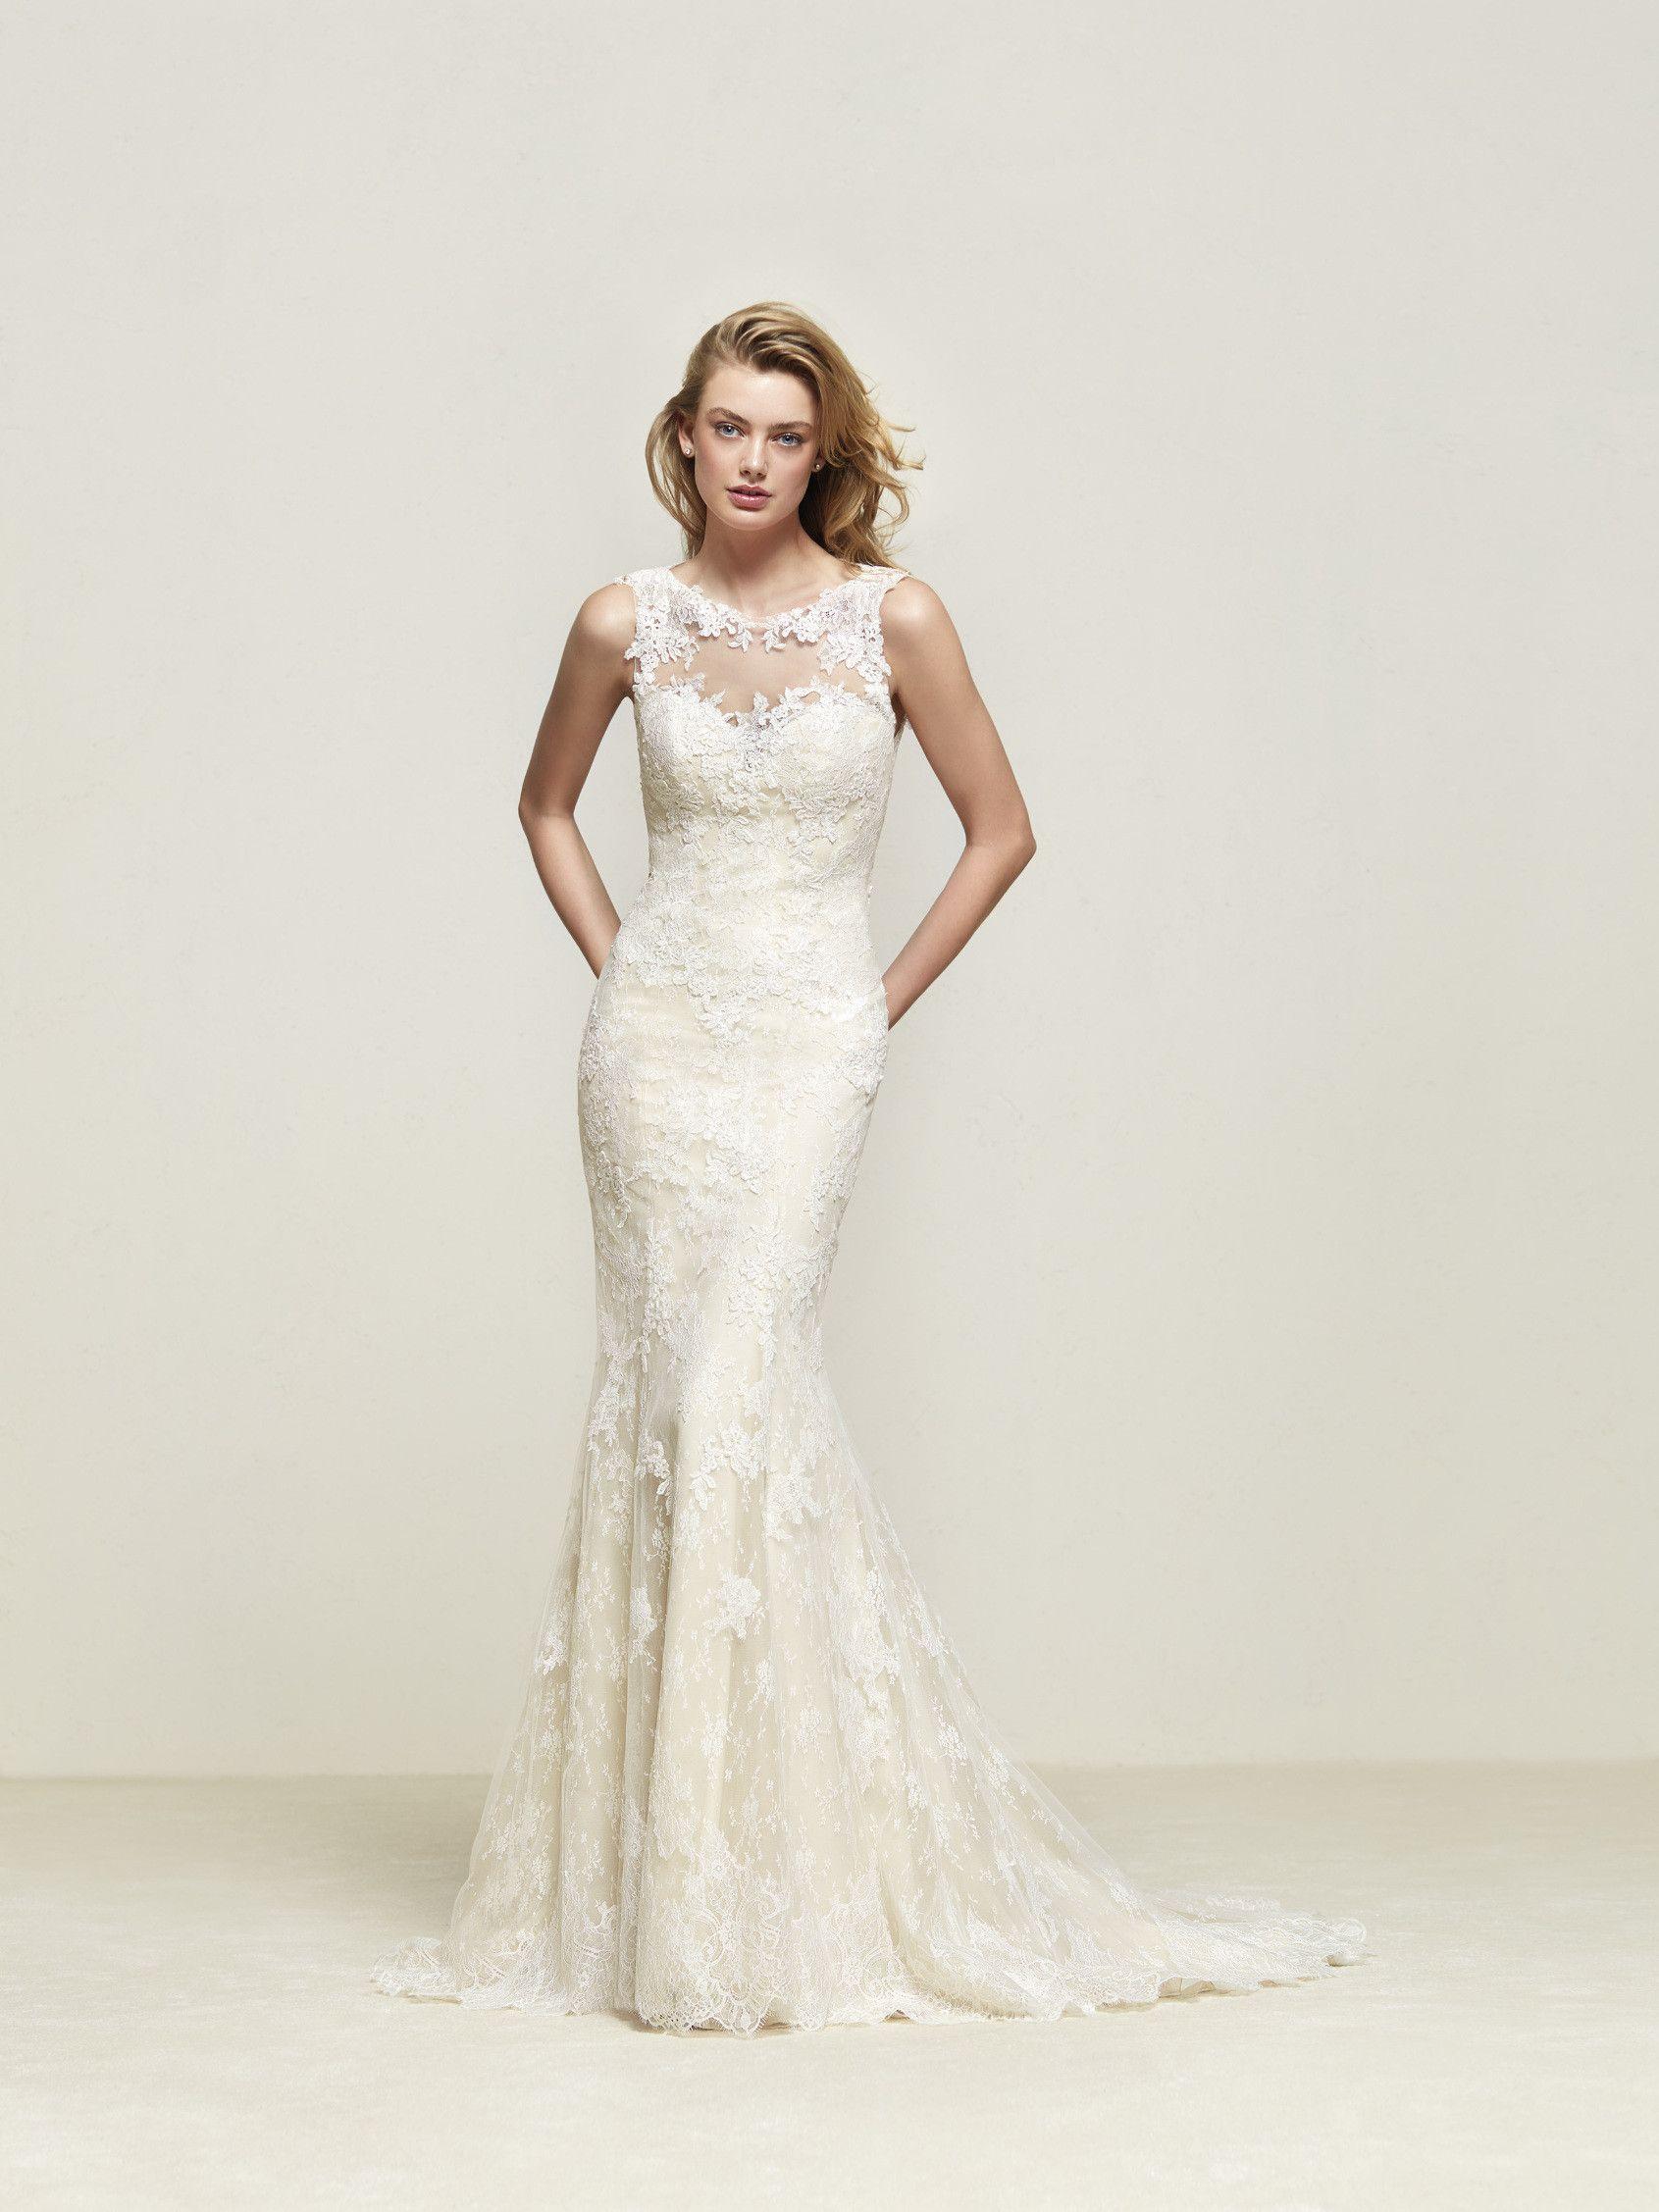 ec478e8c3d5c Vestido de novia collares en la espalda - Driades